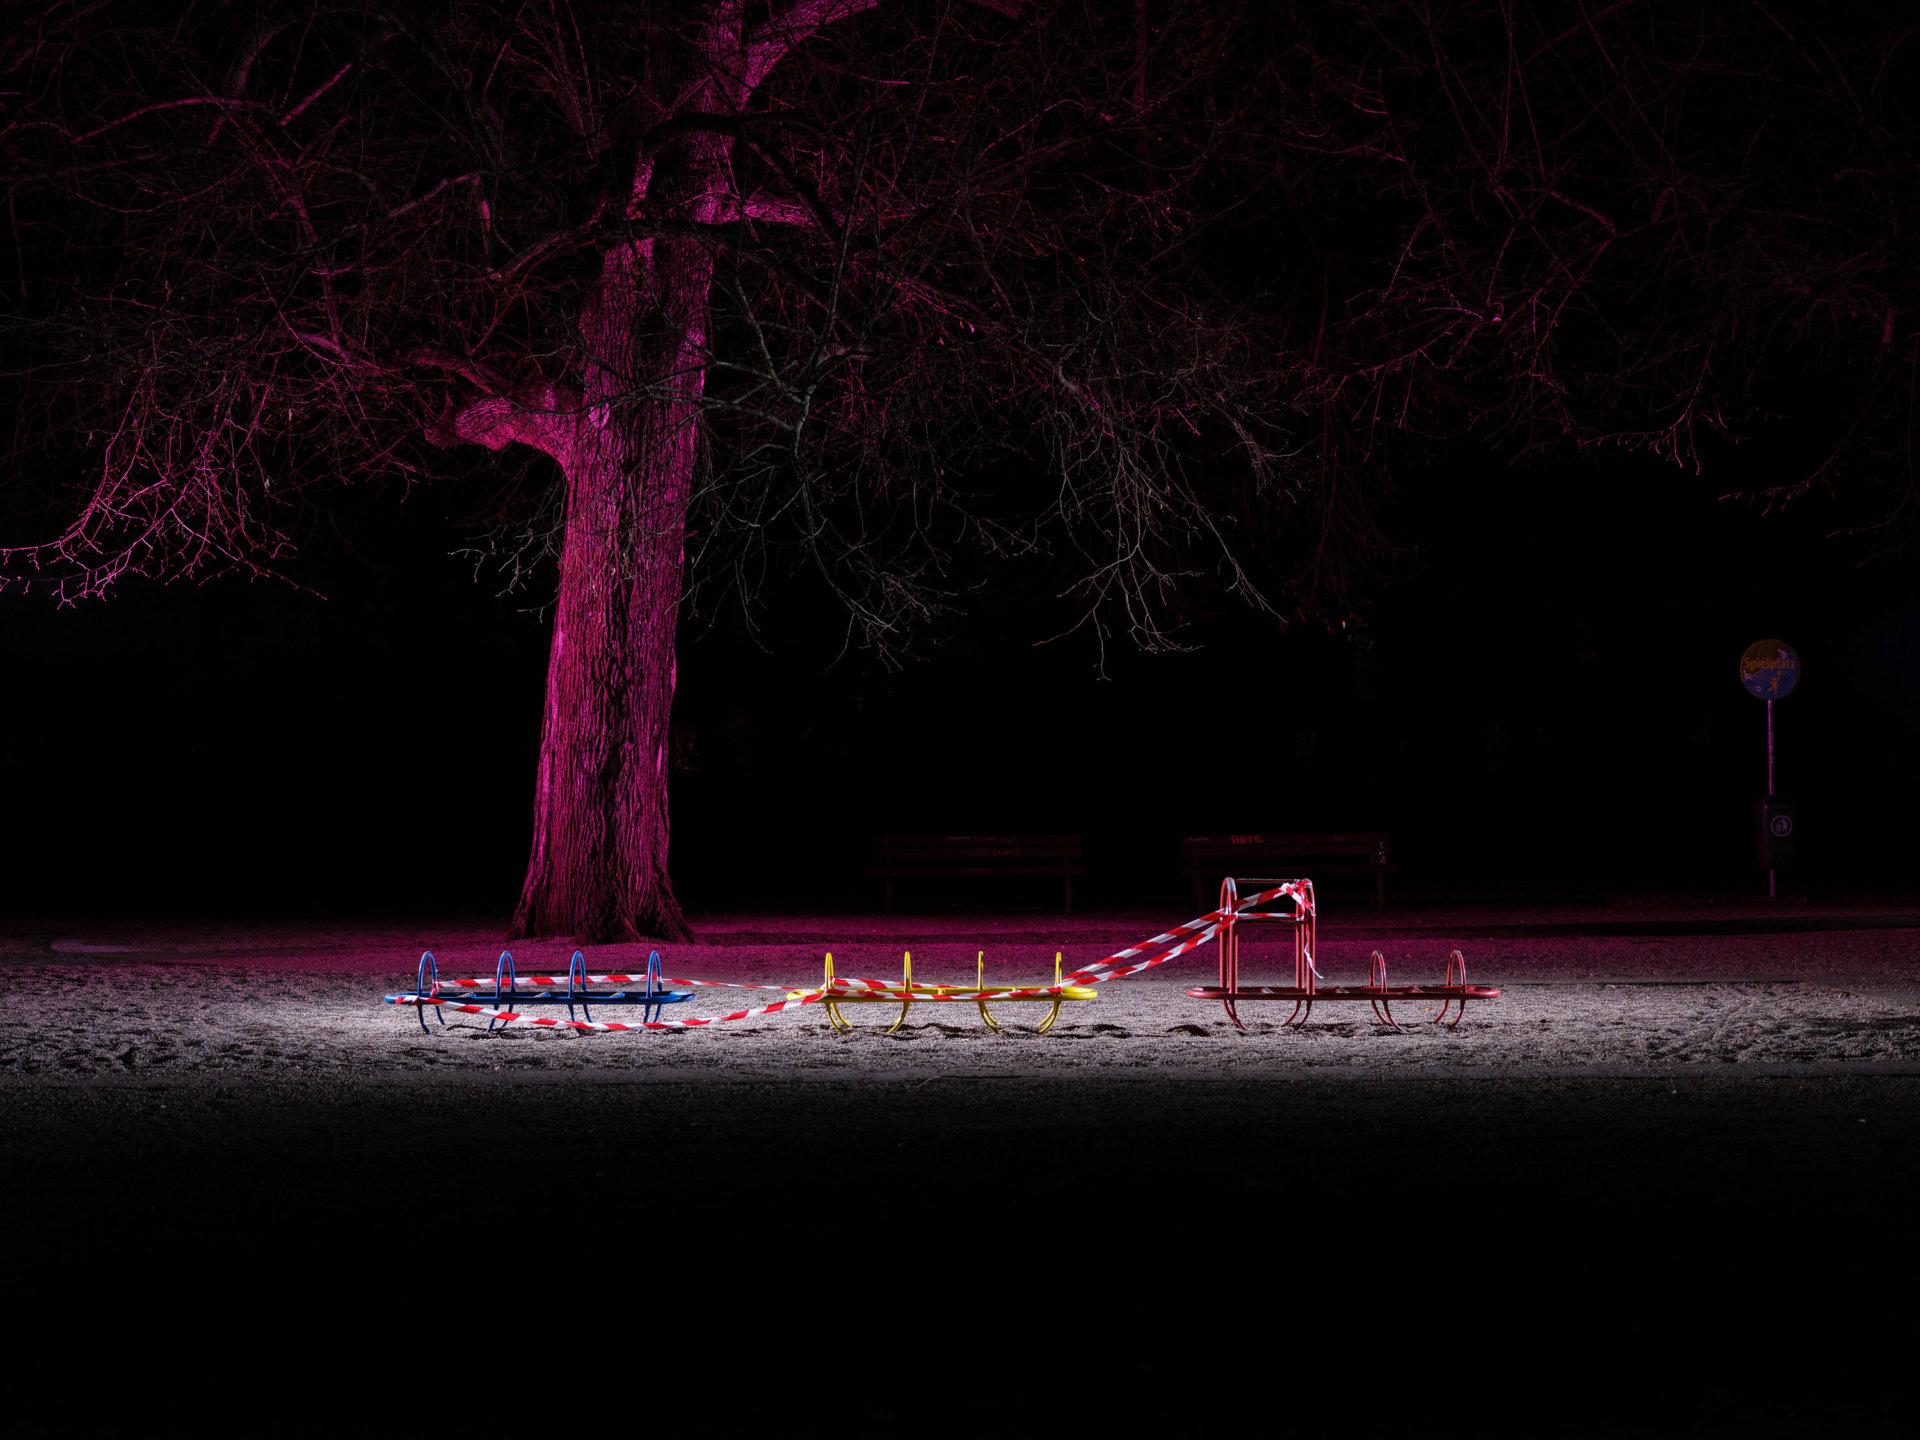 Absperrband, Corona, Coronakrise, Covid-19, Eisenbahn, Folgen, Fotoserie, Leipzig, Pandemie, Projekt, Serie, Sperrstunde, Sperrung, Spielplatz, Stille, Stillstand, angeblitzt, angeleuchtet, beleuchtet, dunkel, farbig, leere Spielplätze, lockdown, lok, nacht, nachts, rot-weiss